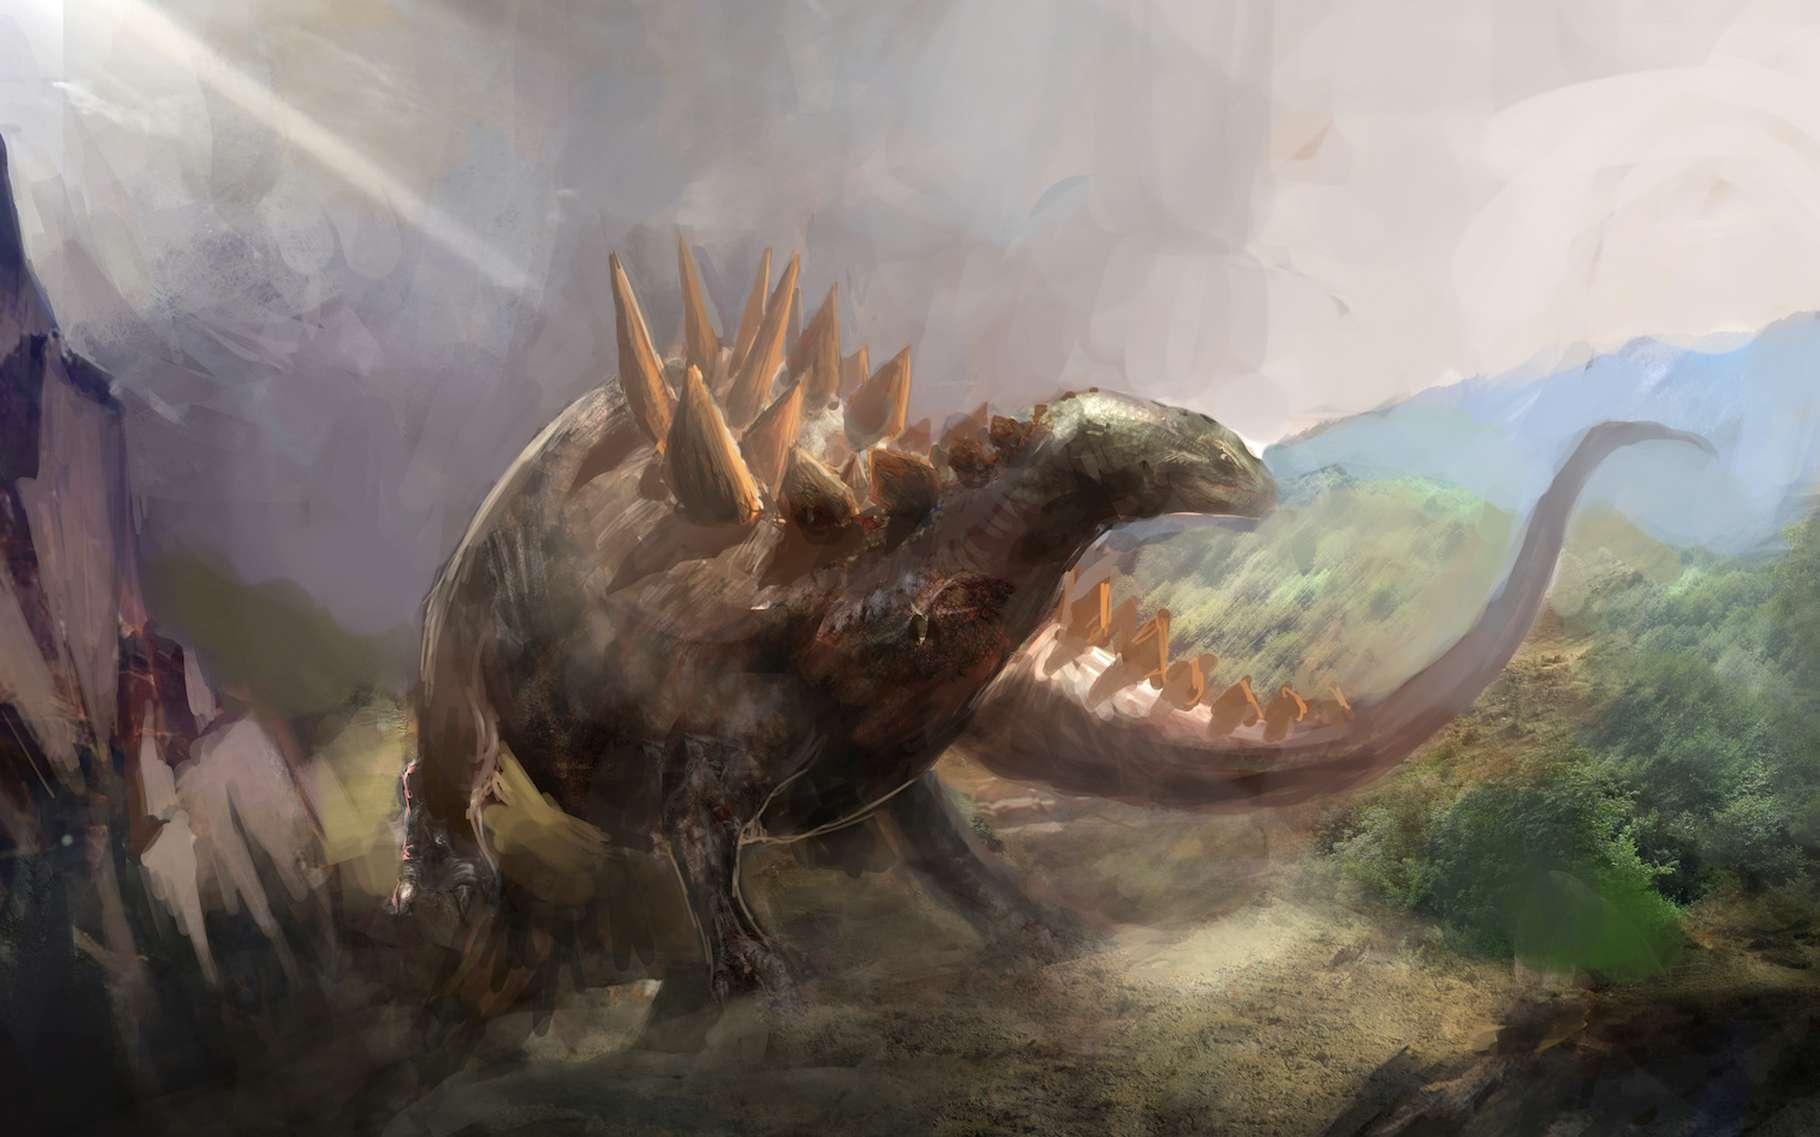 Les stégosaures étaient des dinosaures herbivores de grande taille. Des chercheurs viennent d'en identifier l'empreinte la plus petite jamais découverte. Celle d'un bébé stégosaure pas plus grand qu'un chat. © vukkostic, Adobe Stock